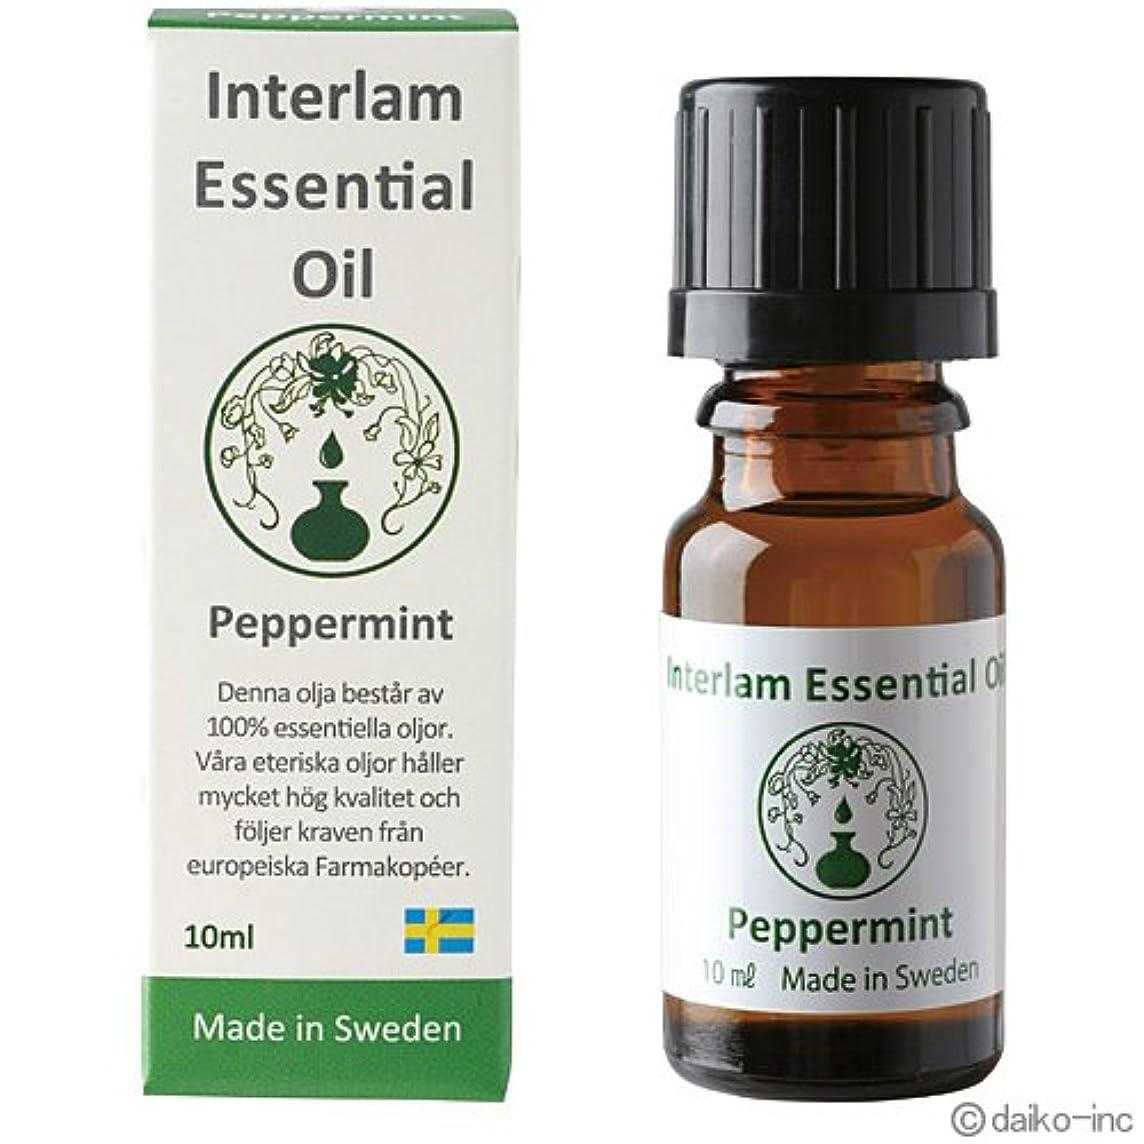 不安定な雰囲気コーチInterlam Essential Oil ペパーミント 10ml